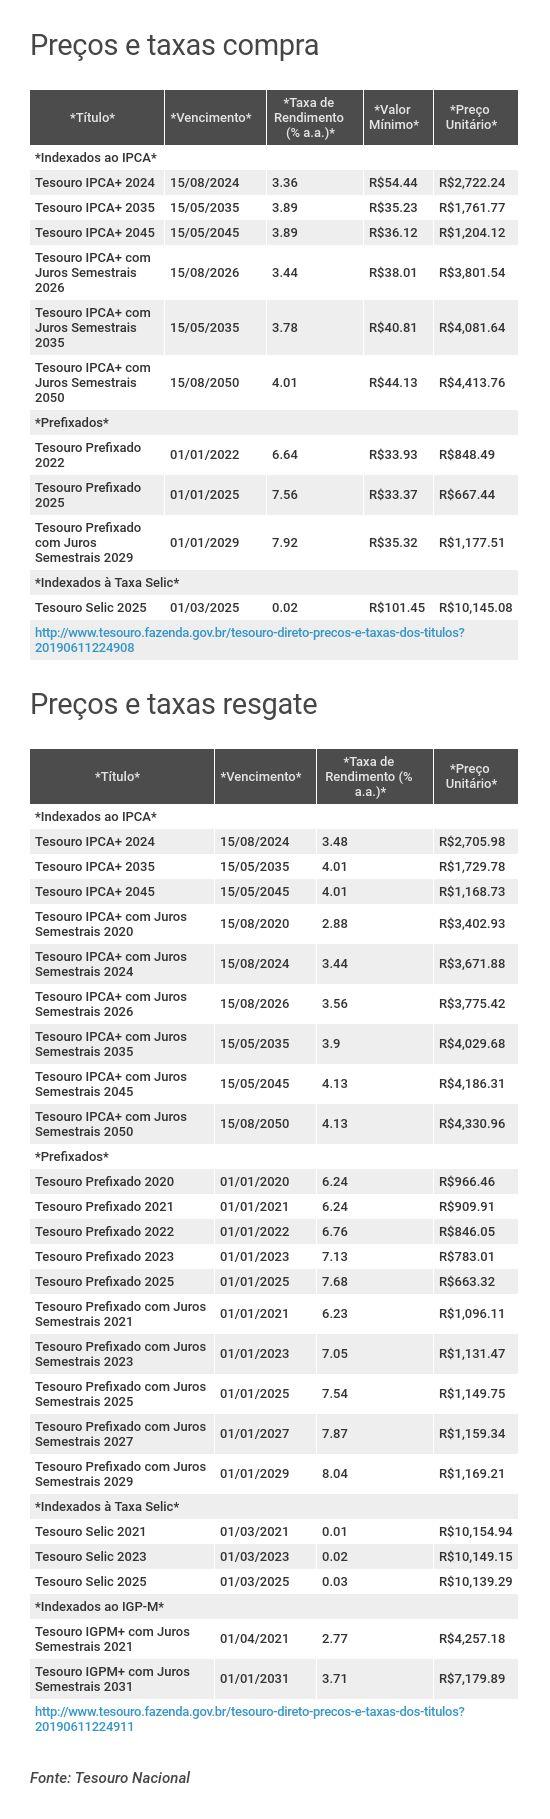 Preços e taxas do Tesouro Direto em 11 de junho de 2019 - fechamento